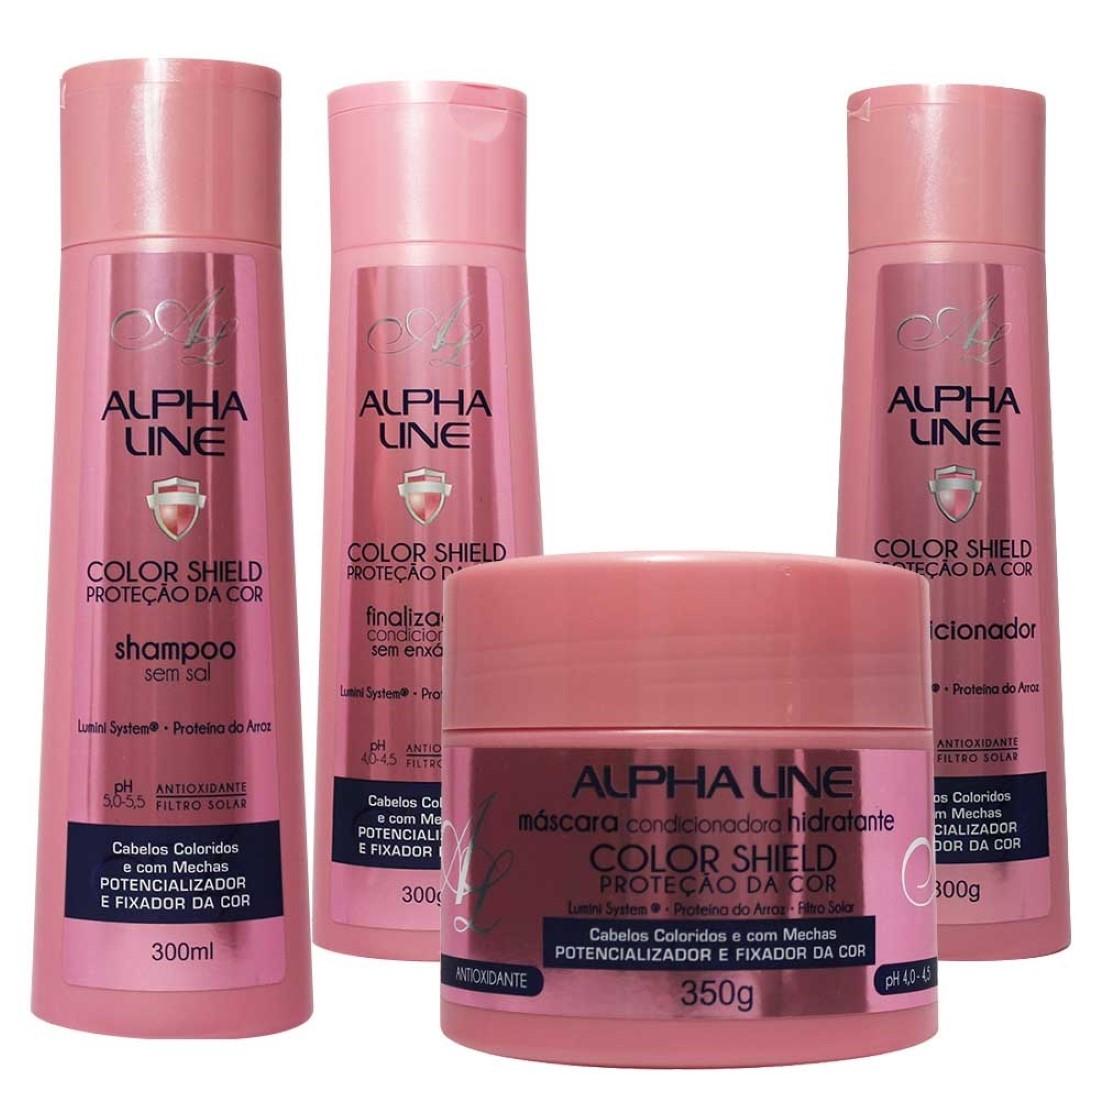 Kit de Shampoo Condicionador Finalizador e Máscara Color Shield Proteção da Cor - Alpha Line